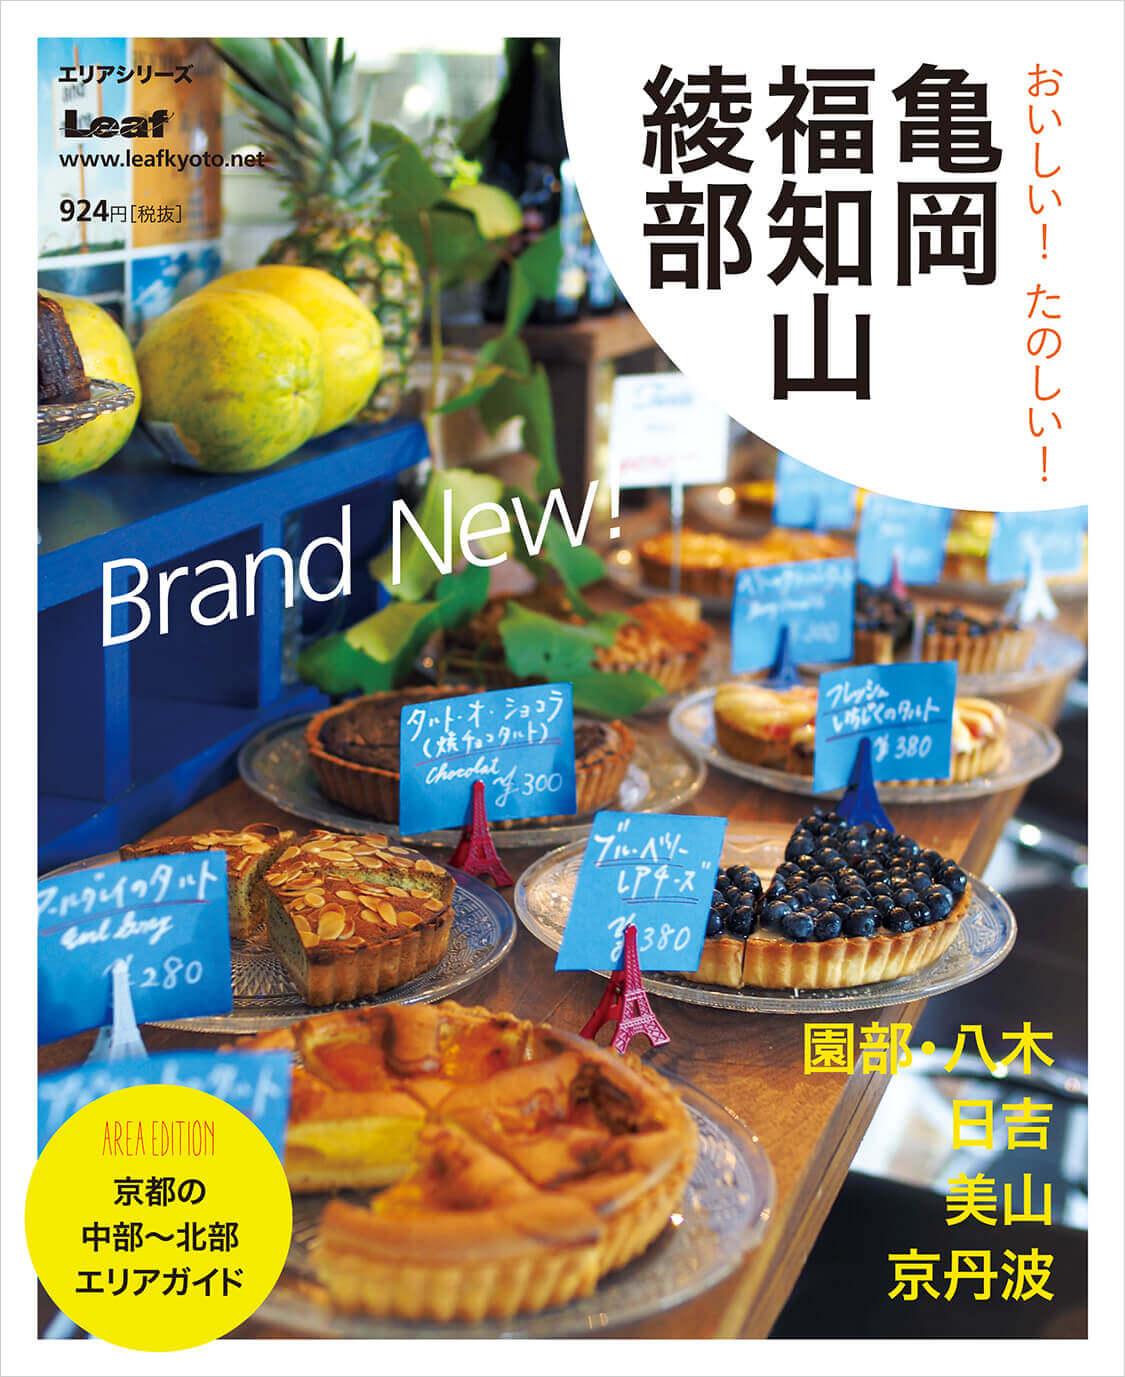 LeafMOOK - 【書籍】おいしい! たのしい! 亀岡 福知山 綾部